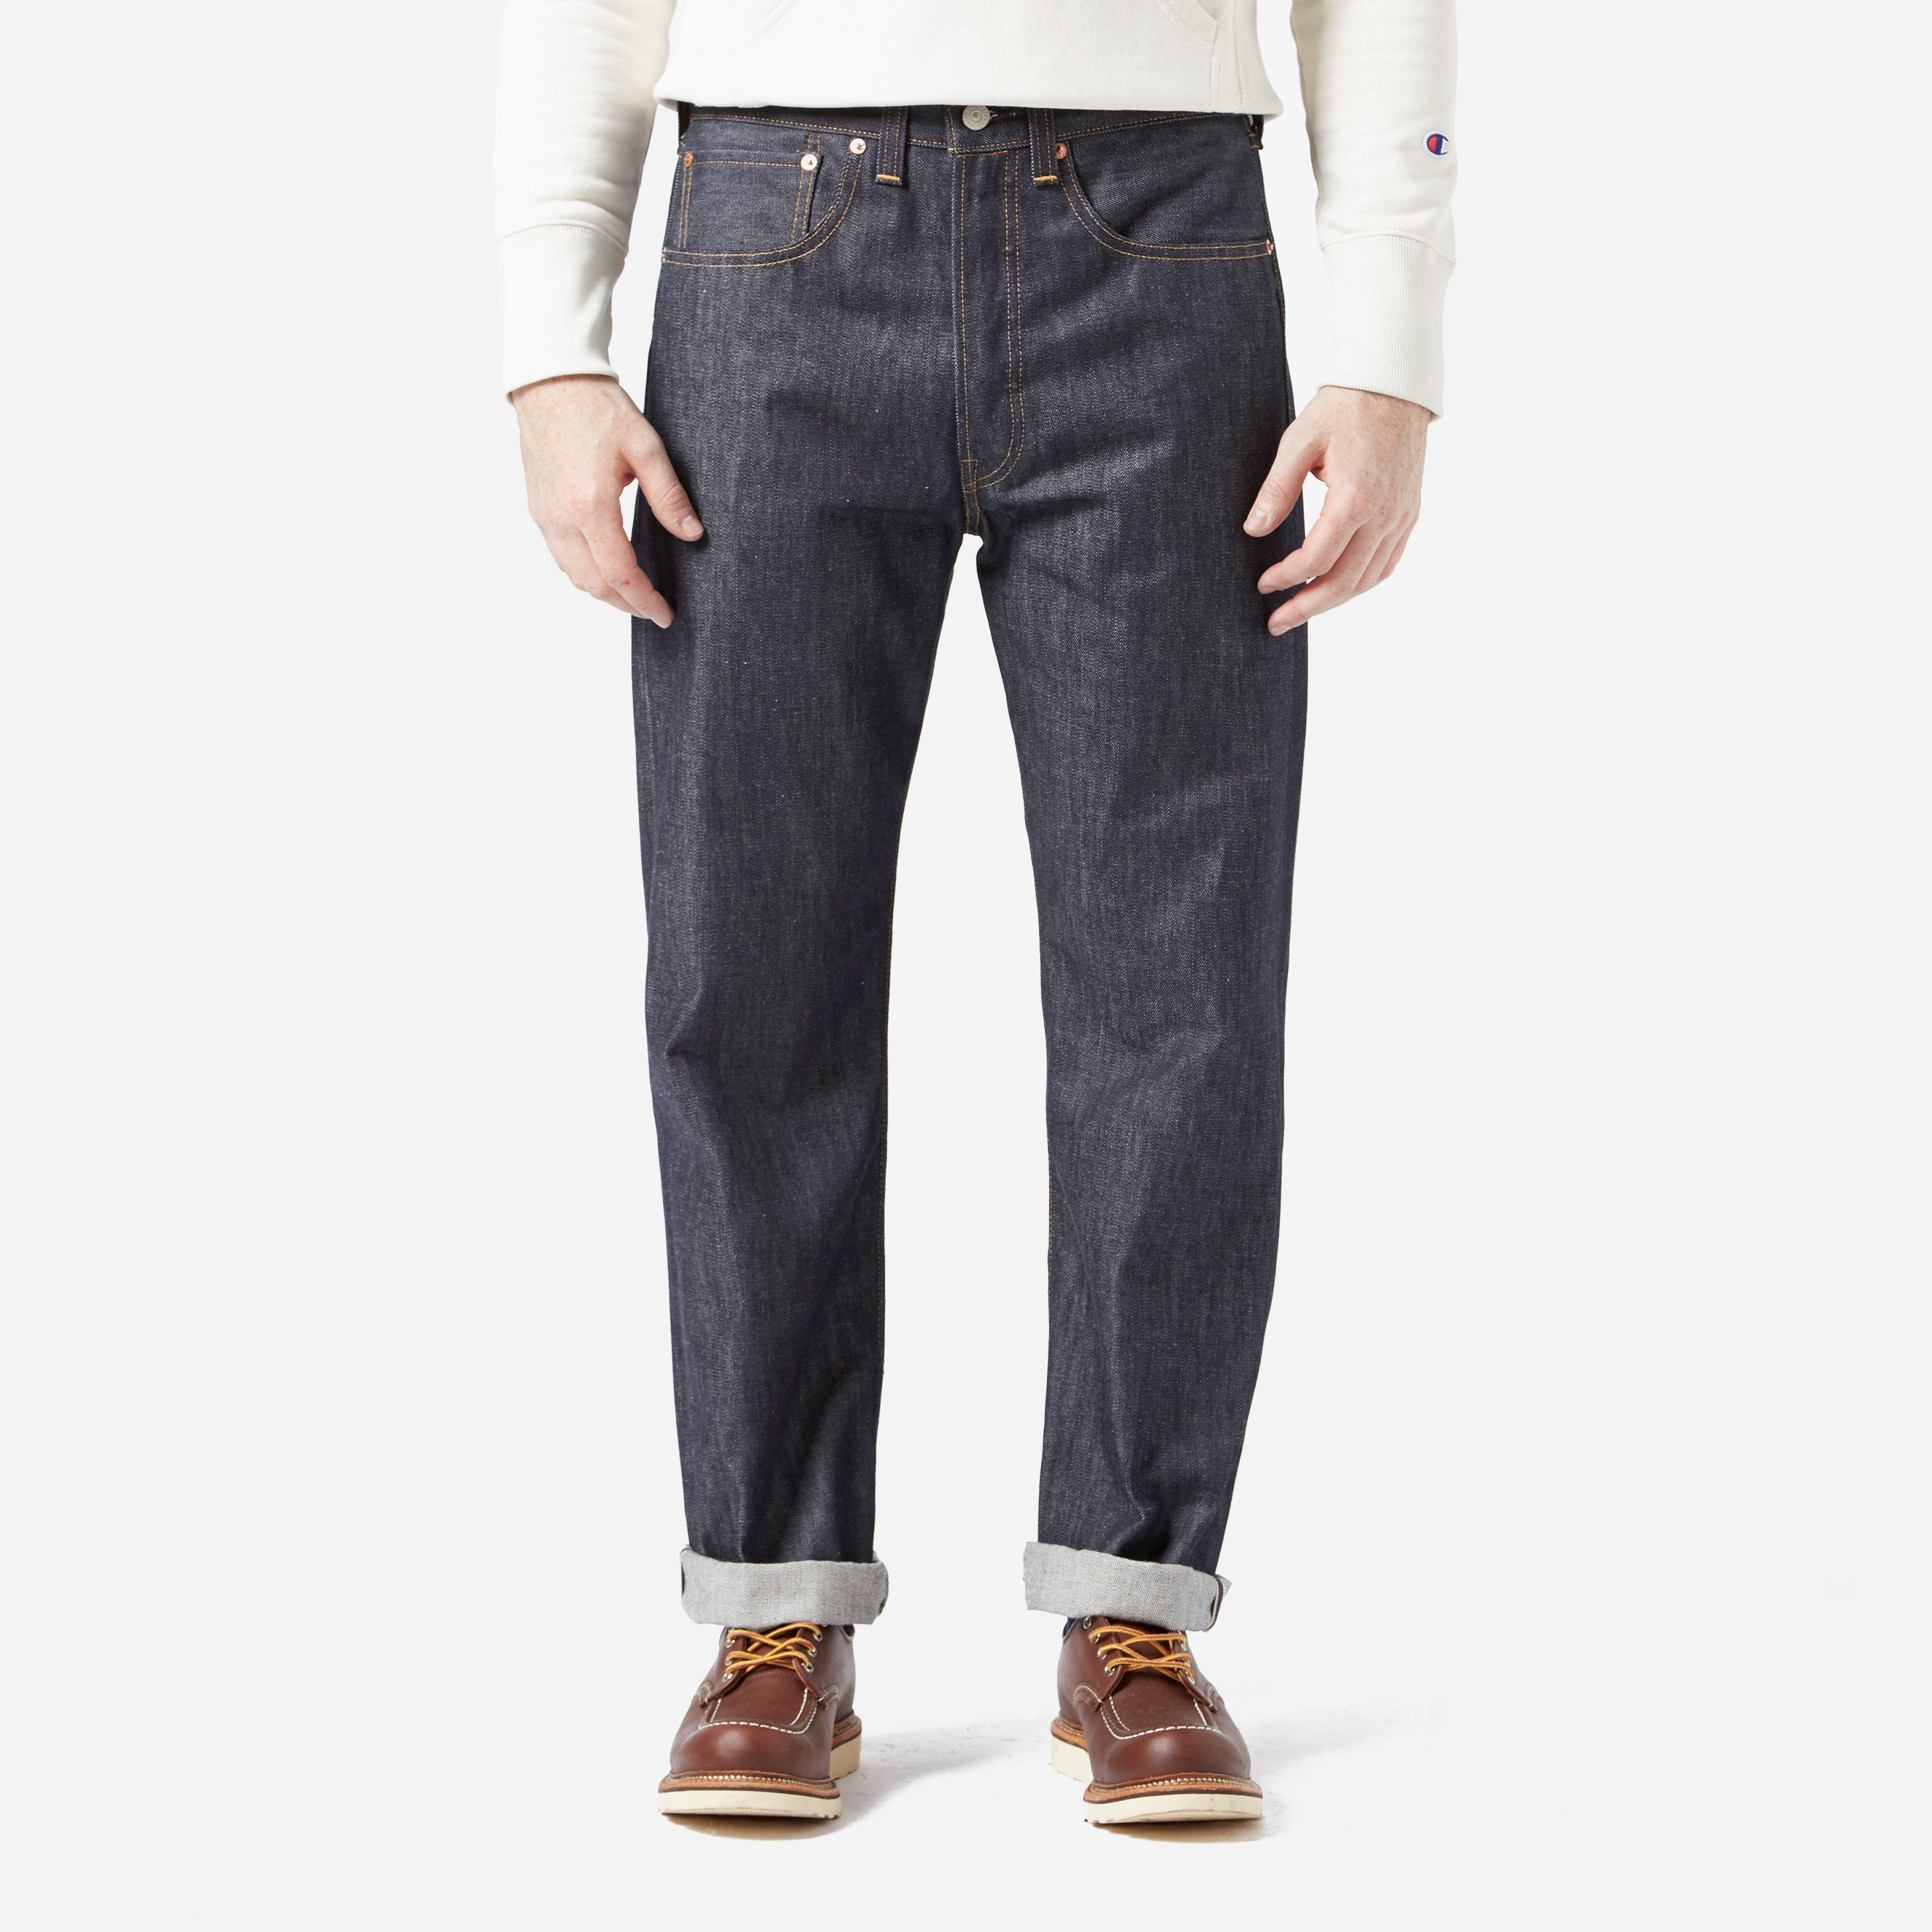 Levis Vintage 1947 501 Rigid Jeans